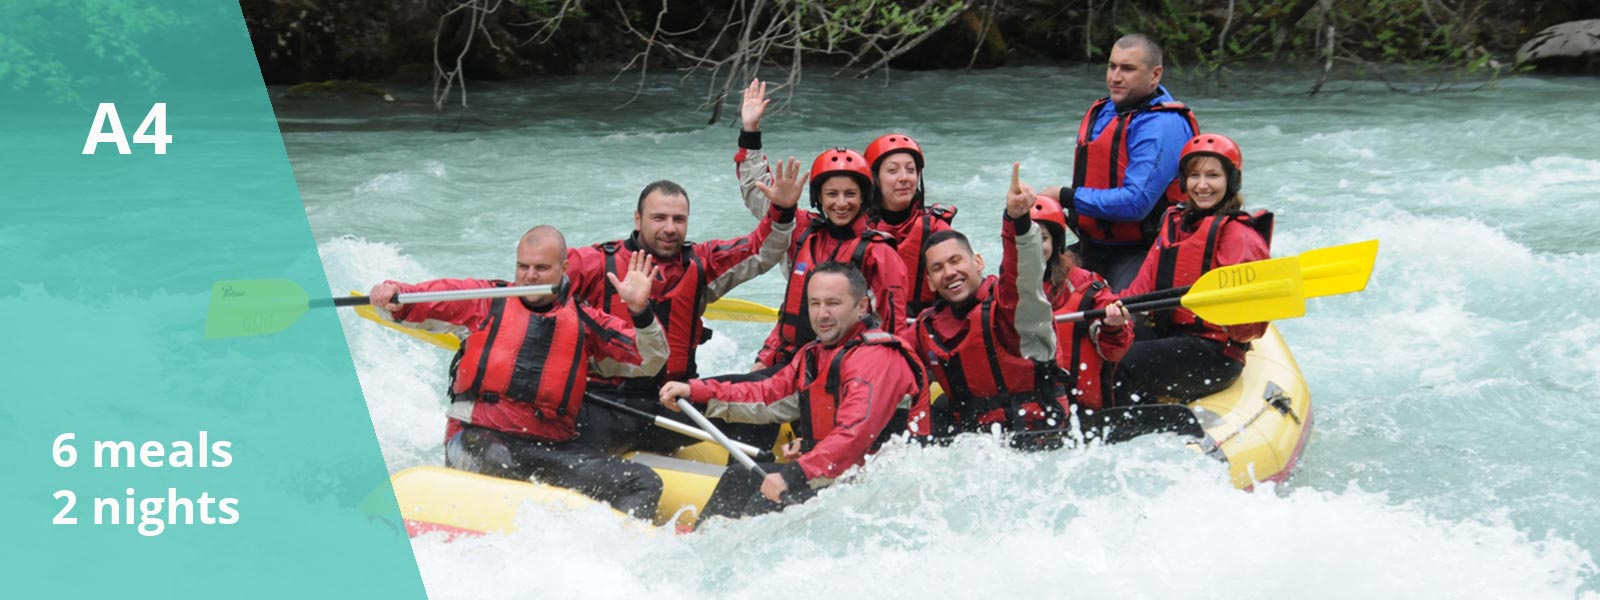 Rafting Adrenaline 4